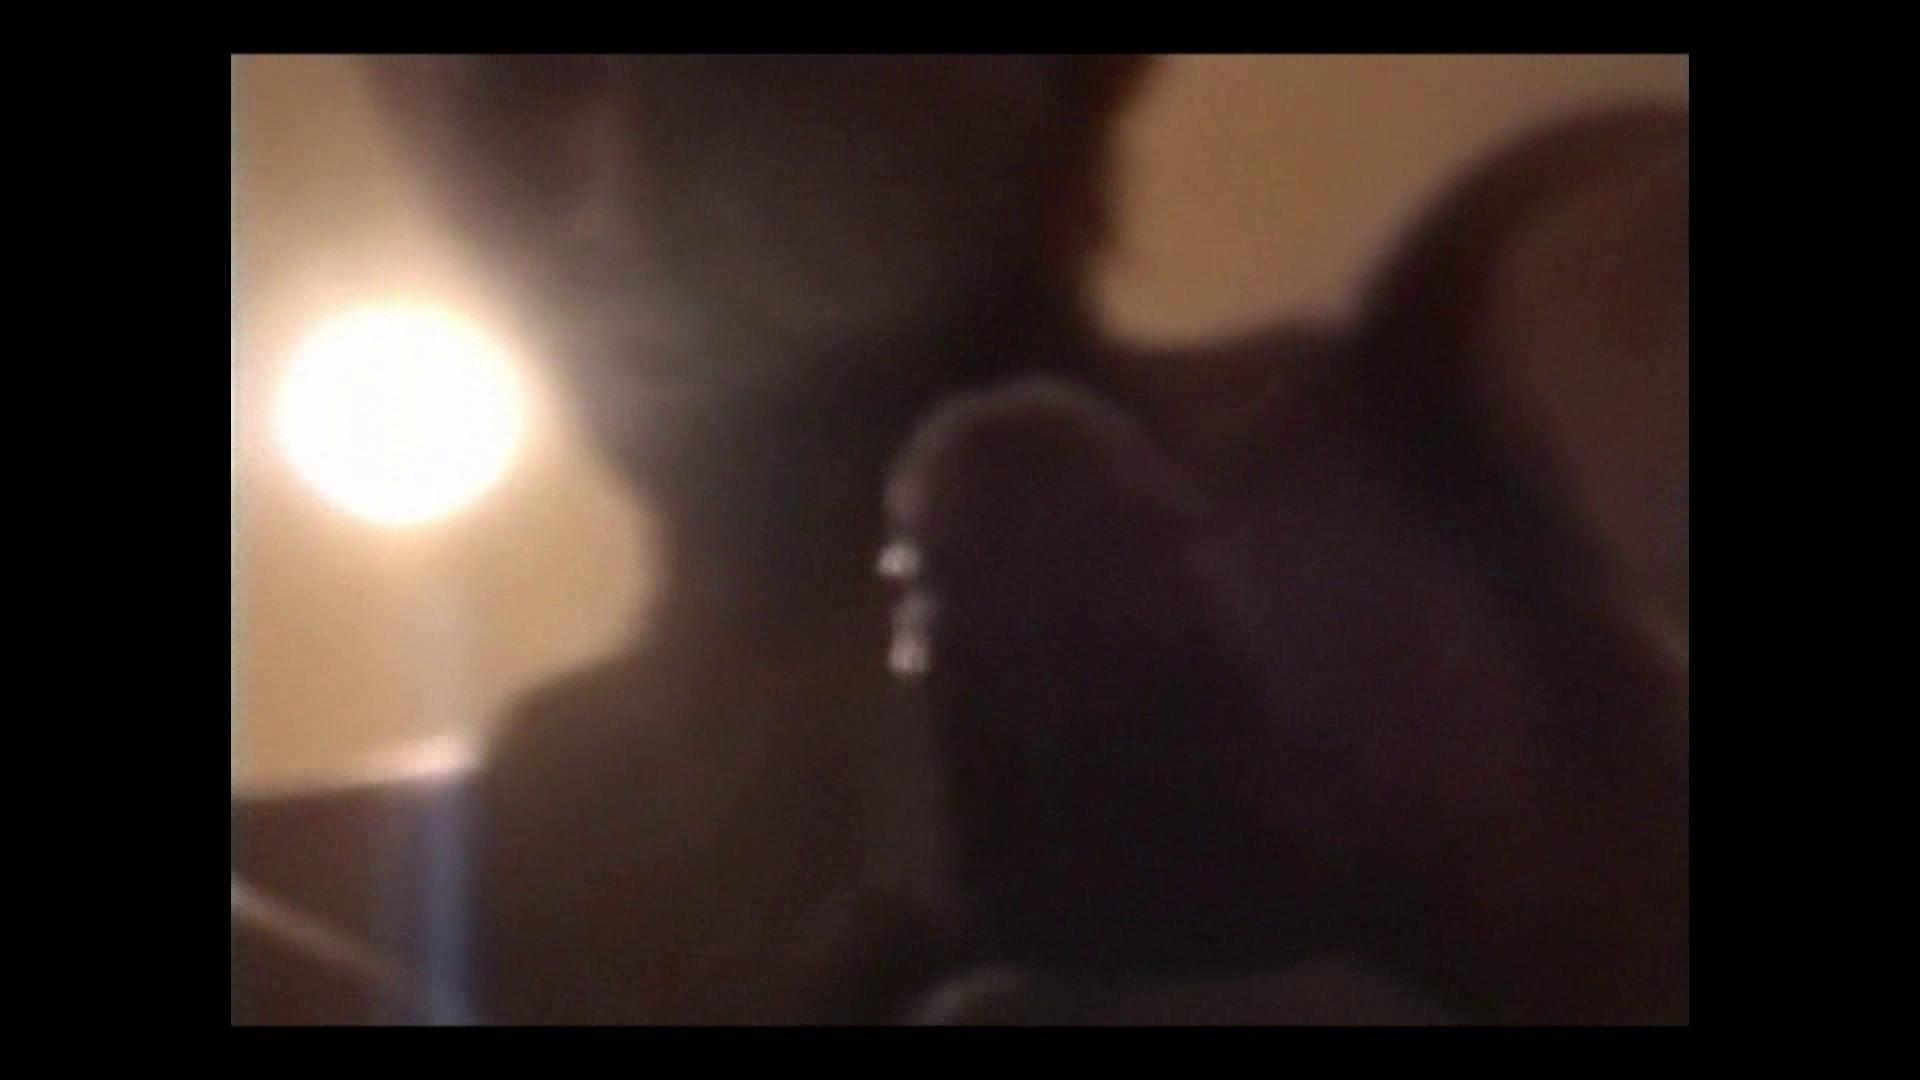 おまけ!阪神の優勝に興奮してイキ過ぎた行動をする男を口説きオナニー撮影 オナニー特集 | イケメンのsex  80pic 64